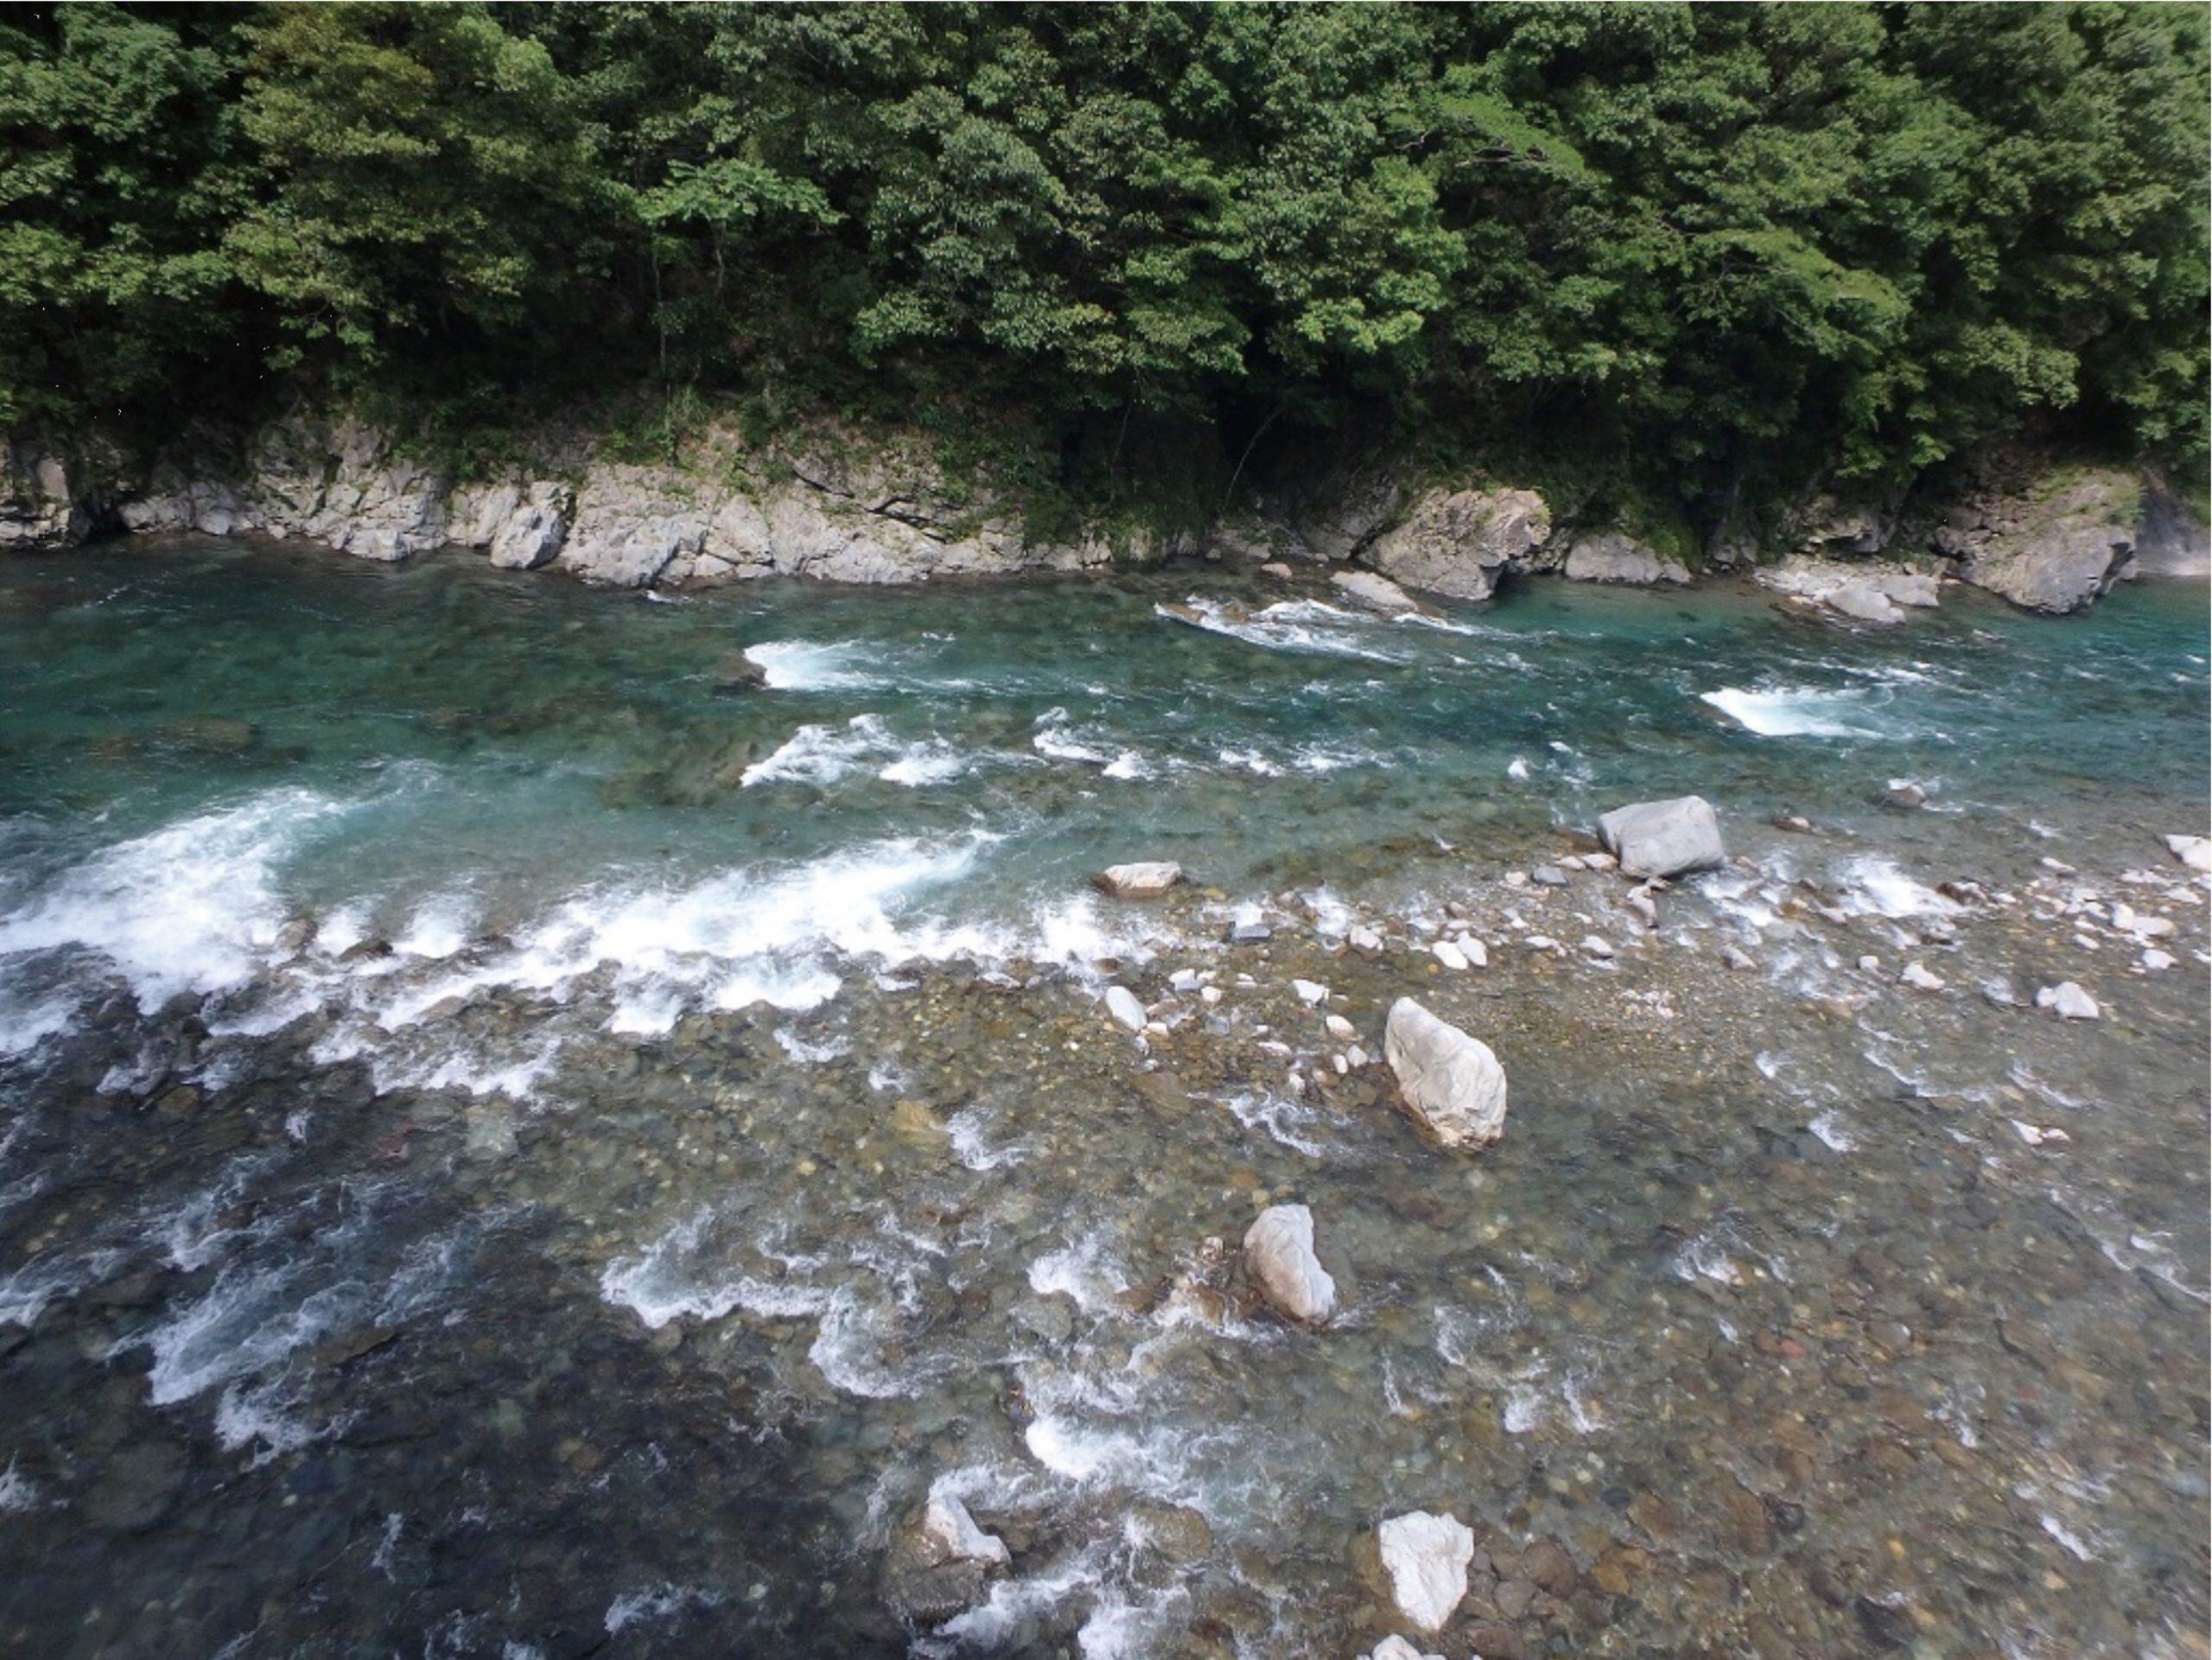 熊本県|人吉市|大和一酒造元|球磨焼酎|米焼酎|焼酎|球磨川|川辺川|清流